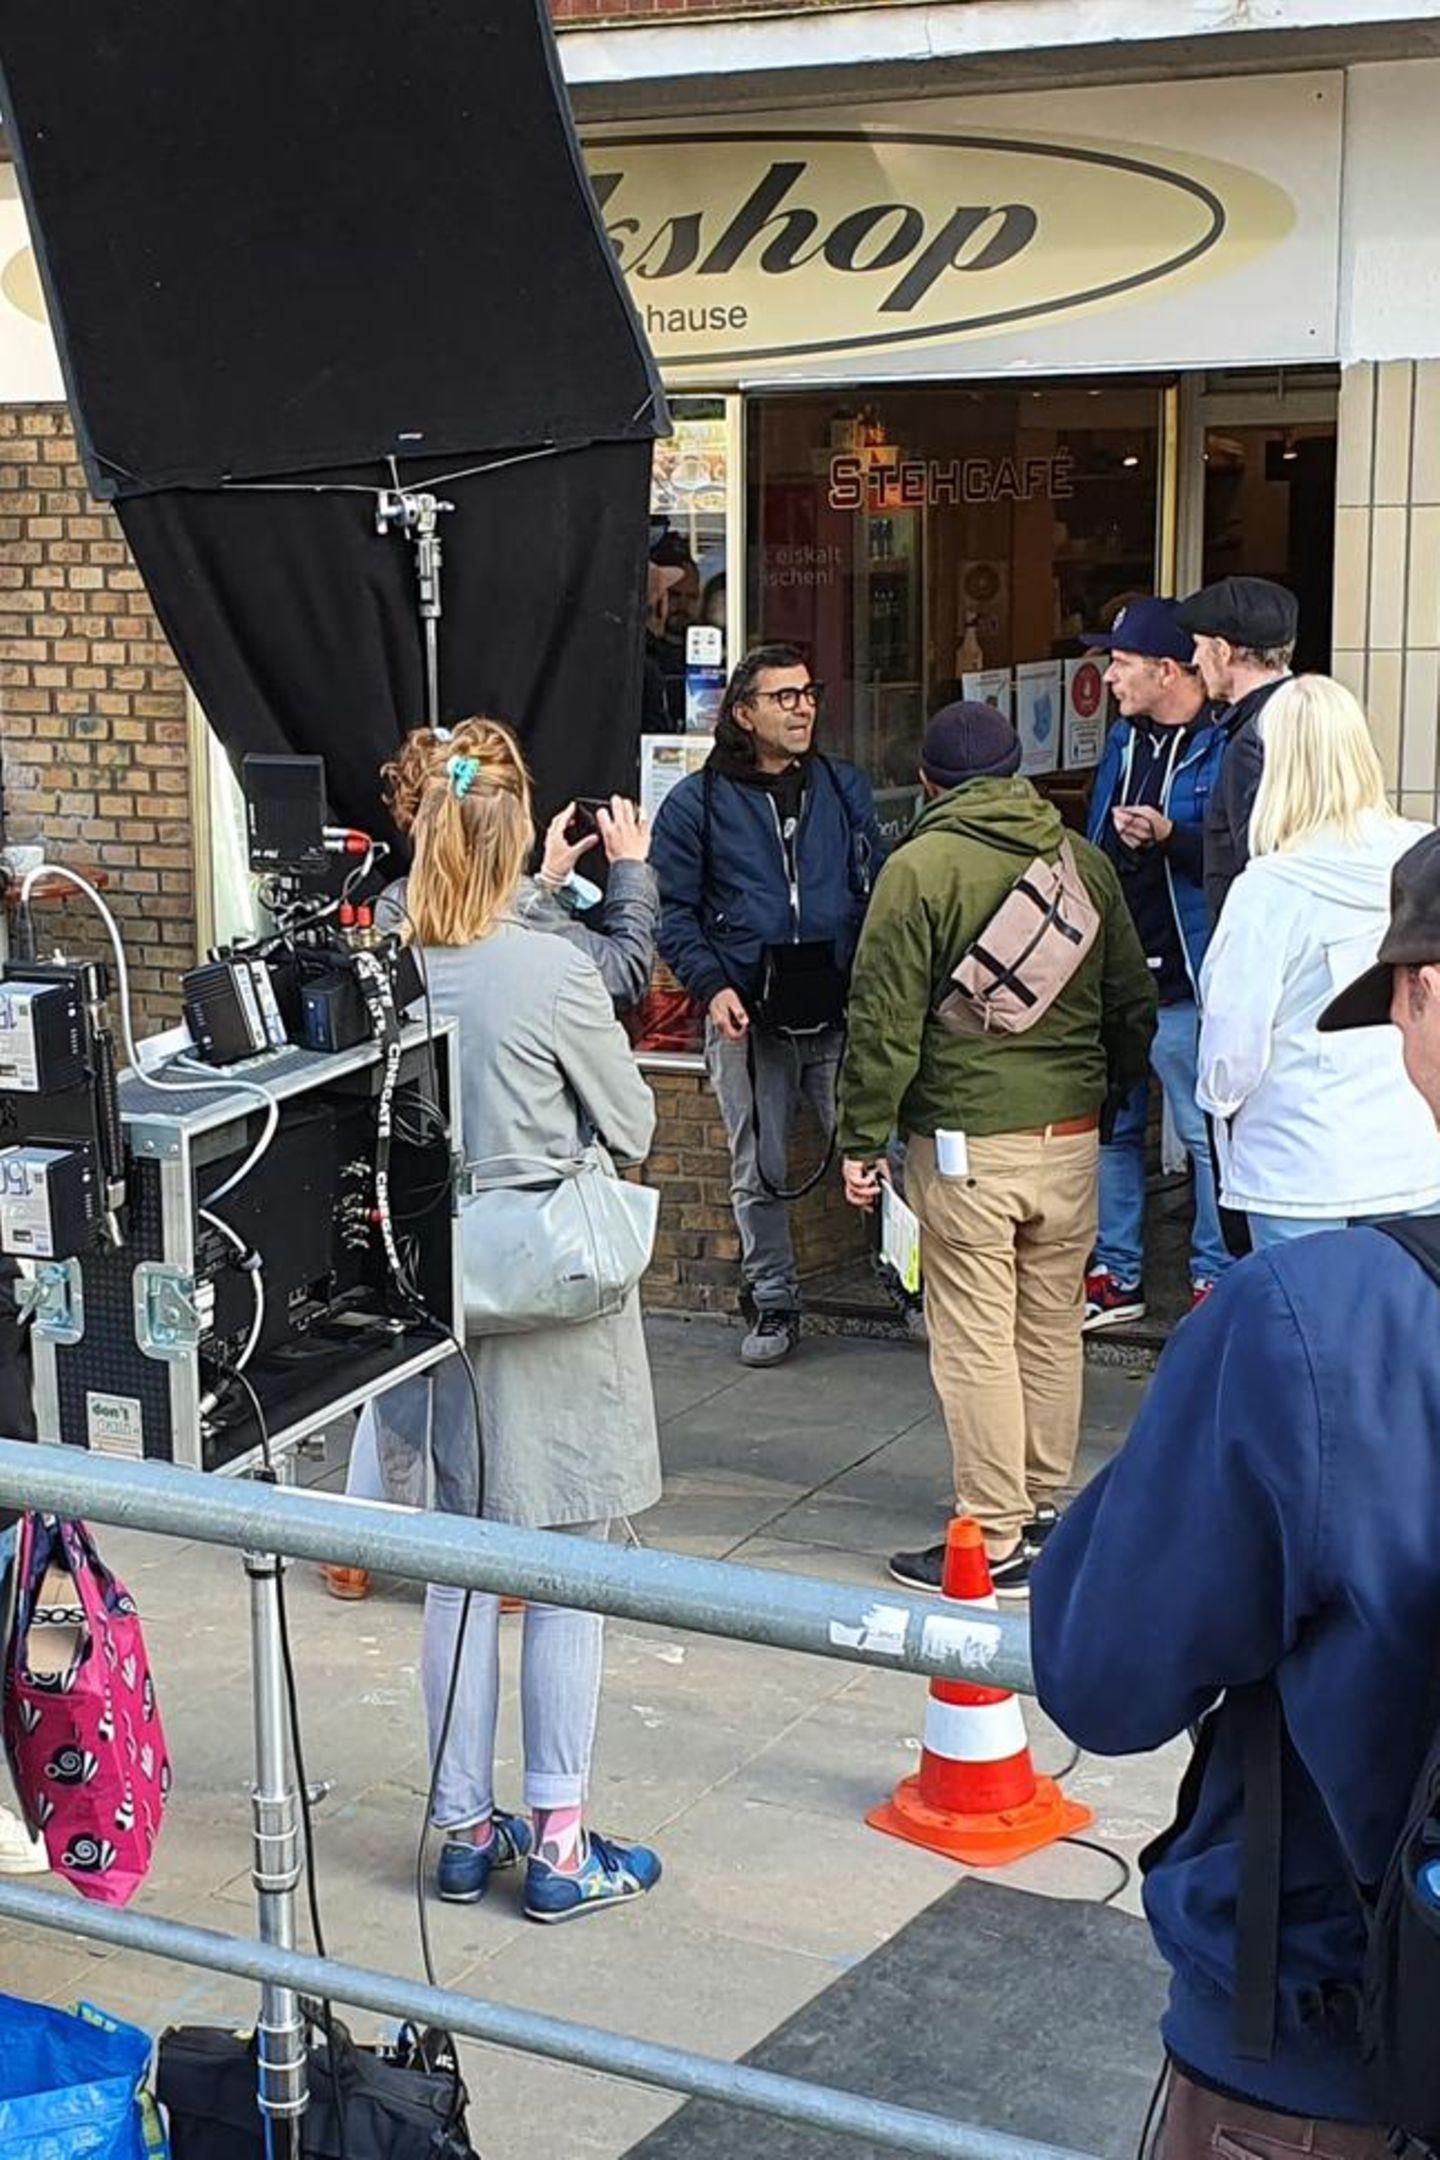 Wenn Fatih Akin einen neuen Film dreht, ist immer viel los. Wie hier in Hamburg, wo der Reggiseur sein neuestes Werk mit Schauspieler Frederick Lau dreht.